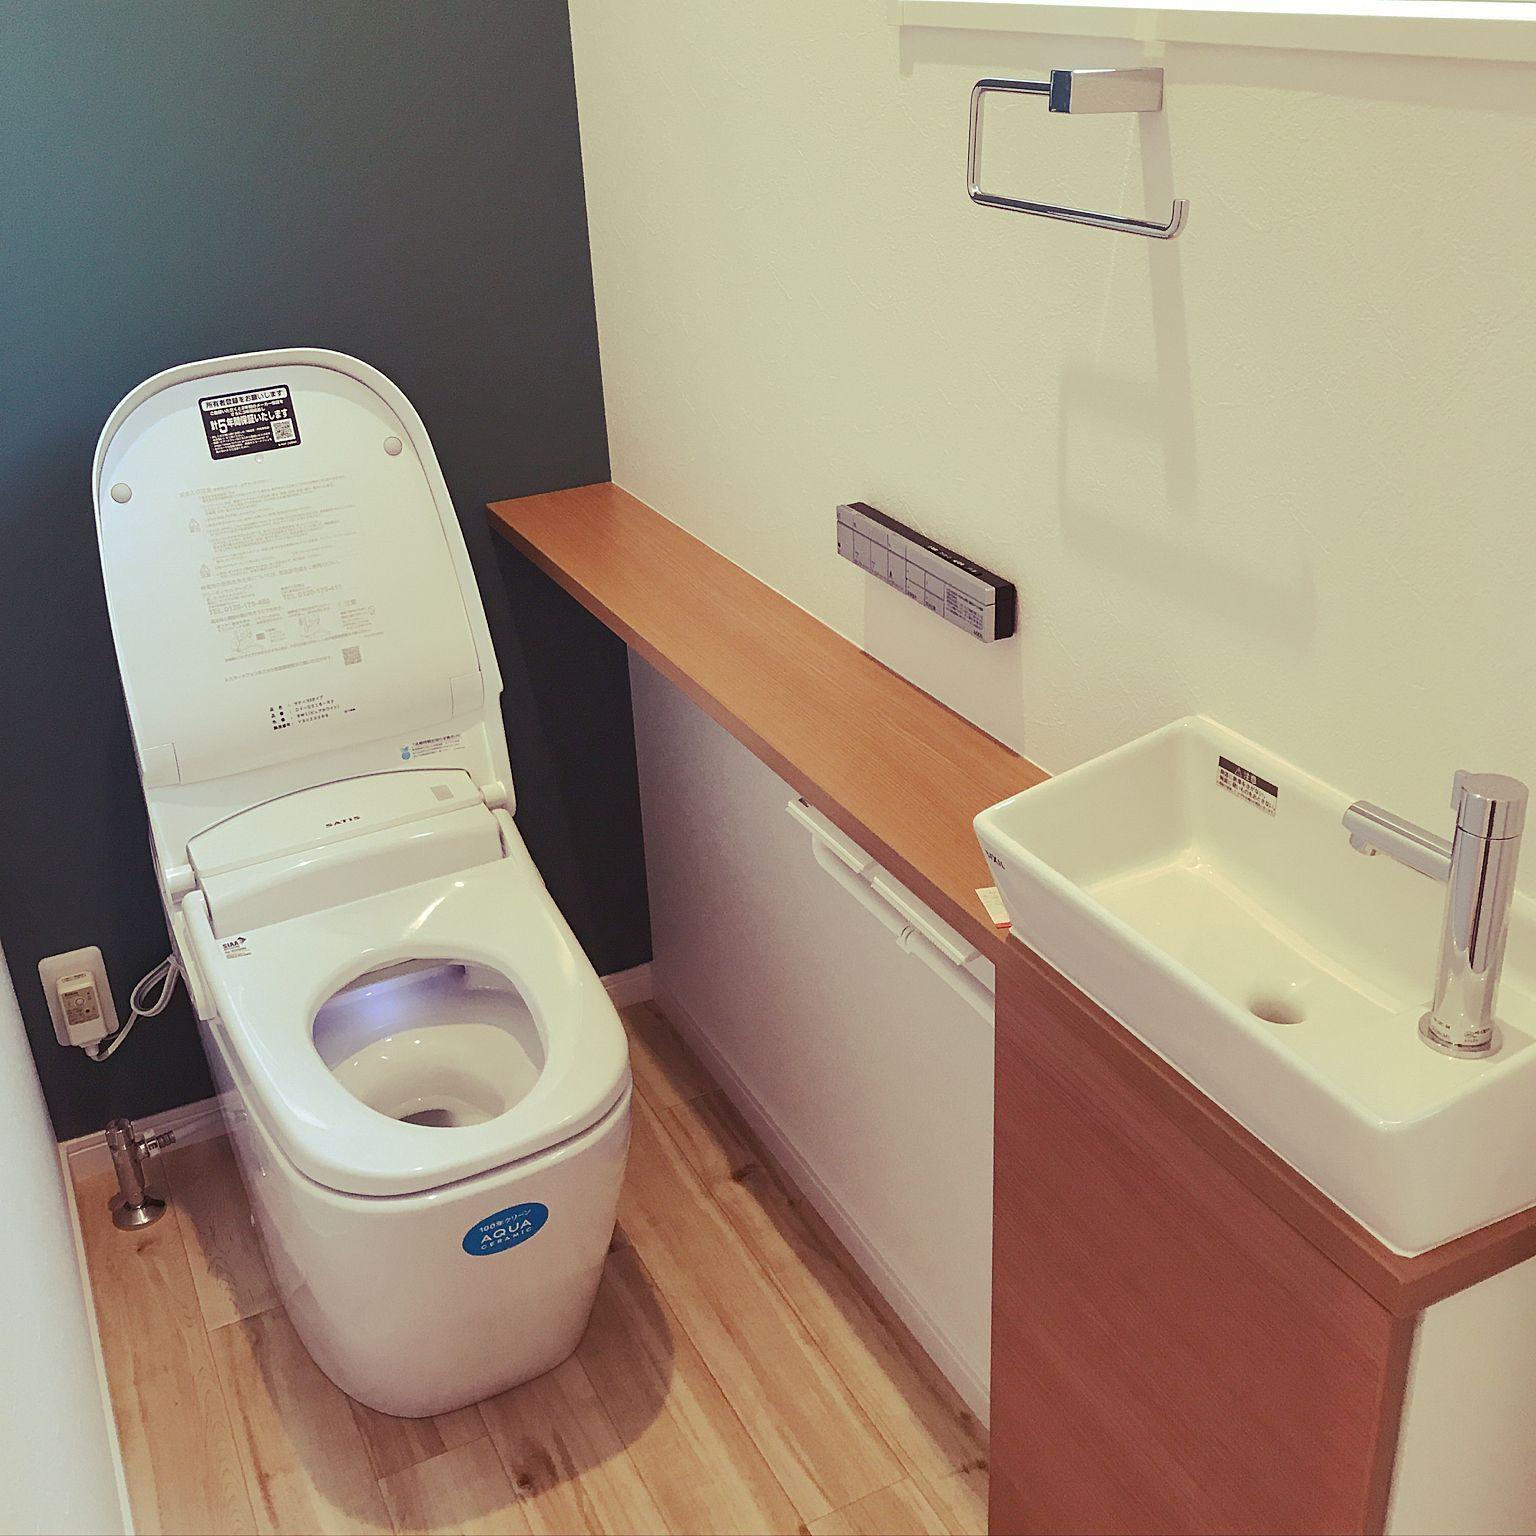 バス トイレ タンクレストイレ クッションフロア 床 サティスg リクシルのトイレのインテリア実例 2017 10 16 22 43 46 Roomclip ルームクリップ 画像あり タンクレストイレ トイレ クッションフロア トイレ